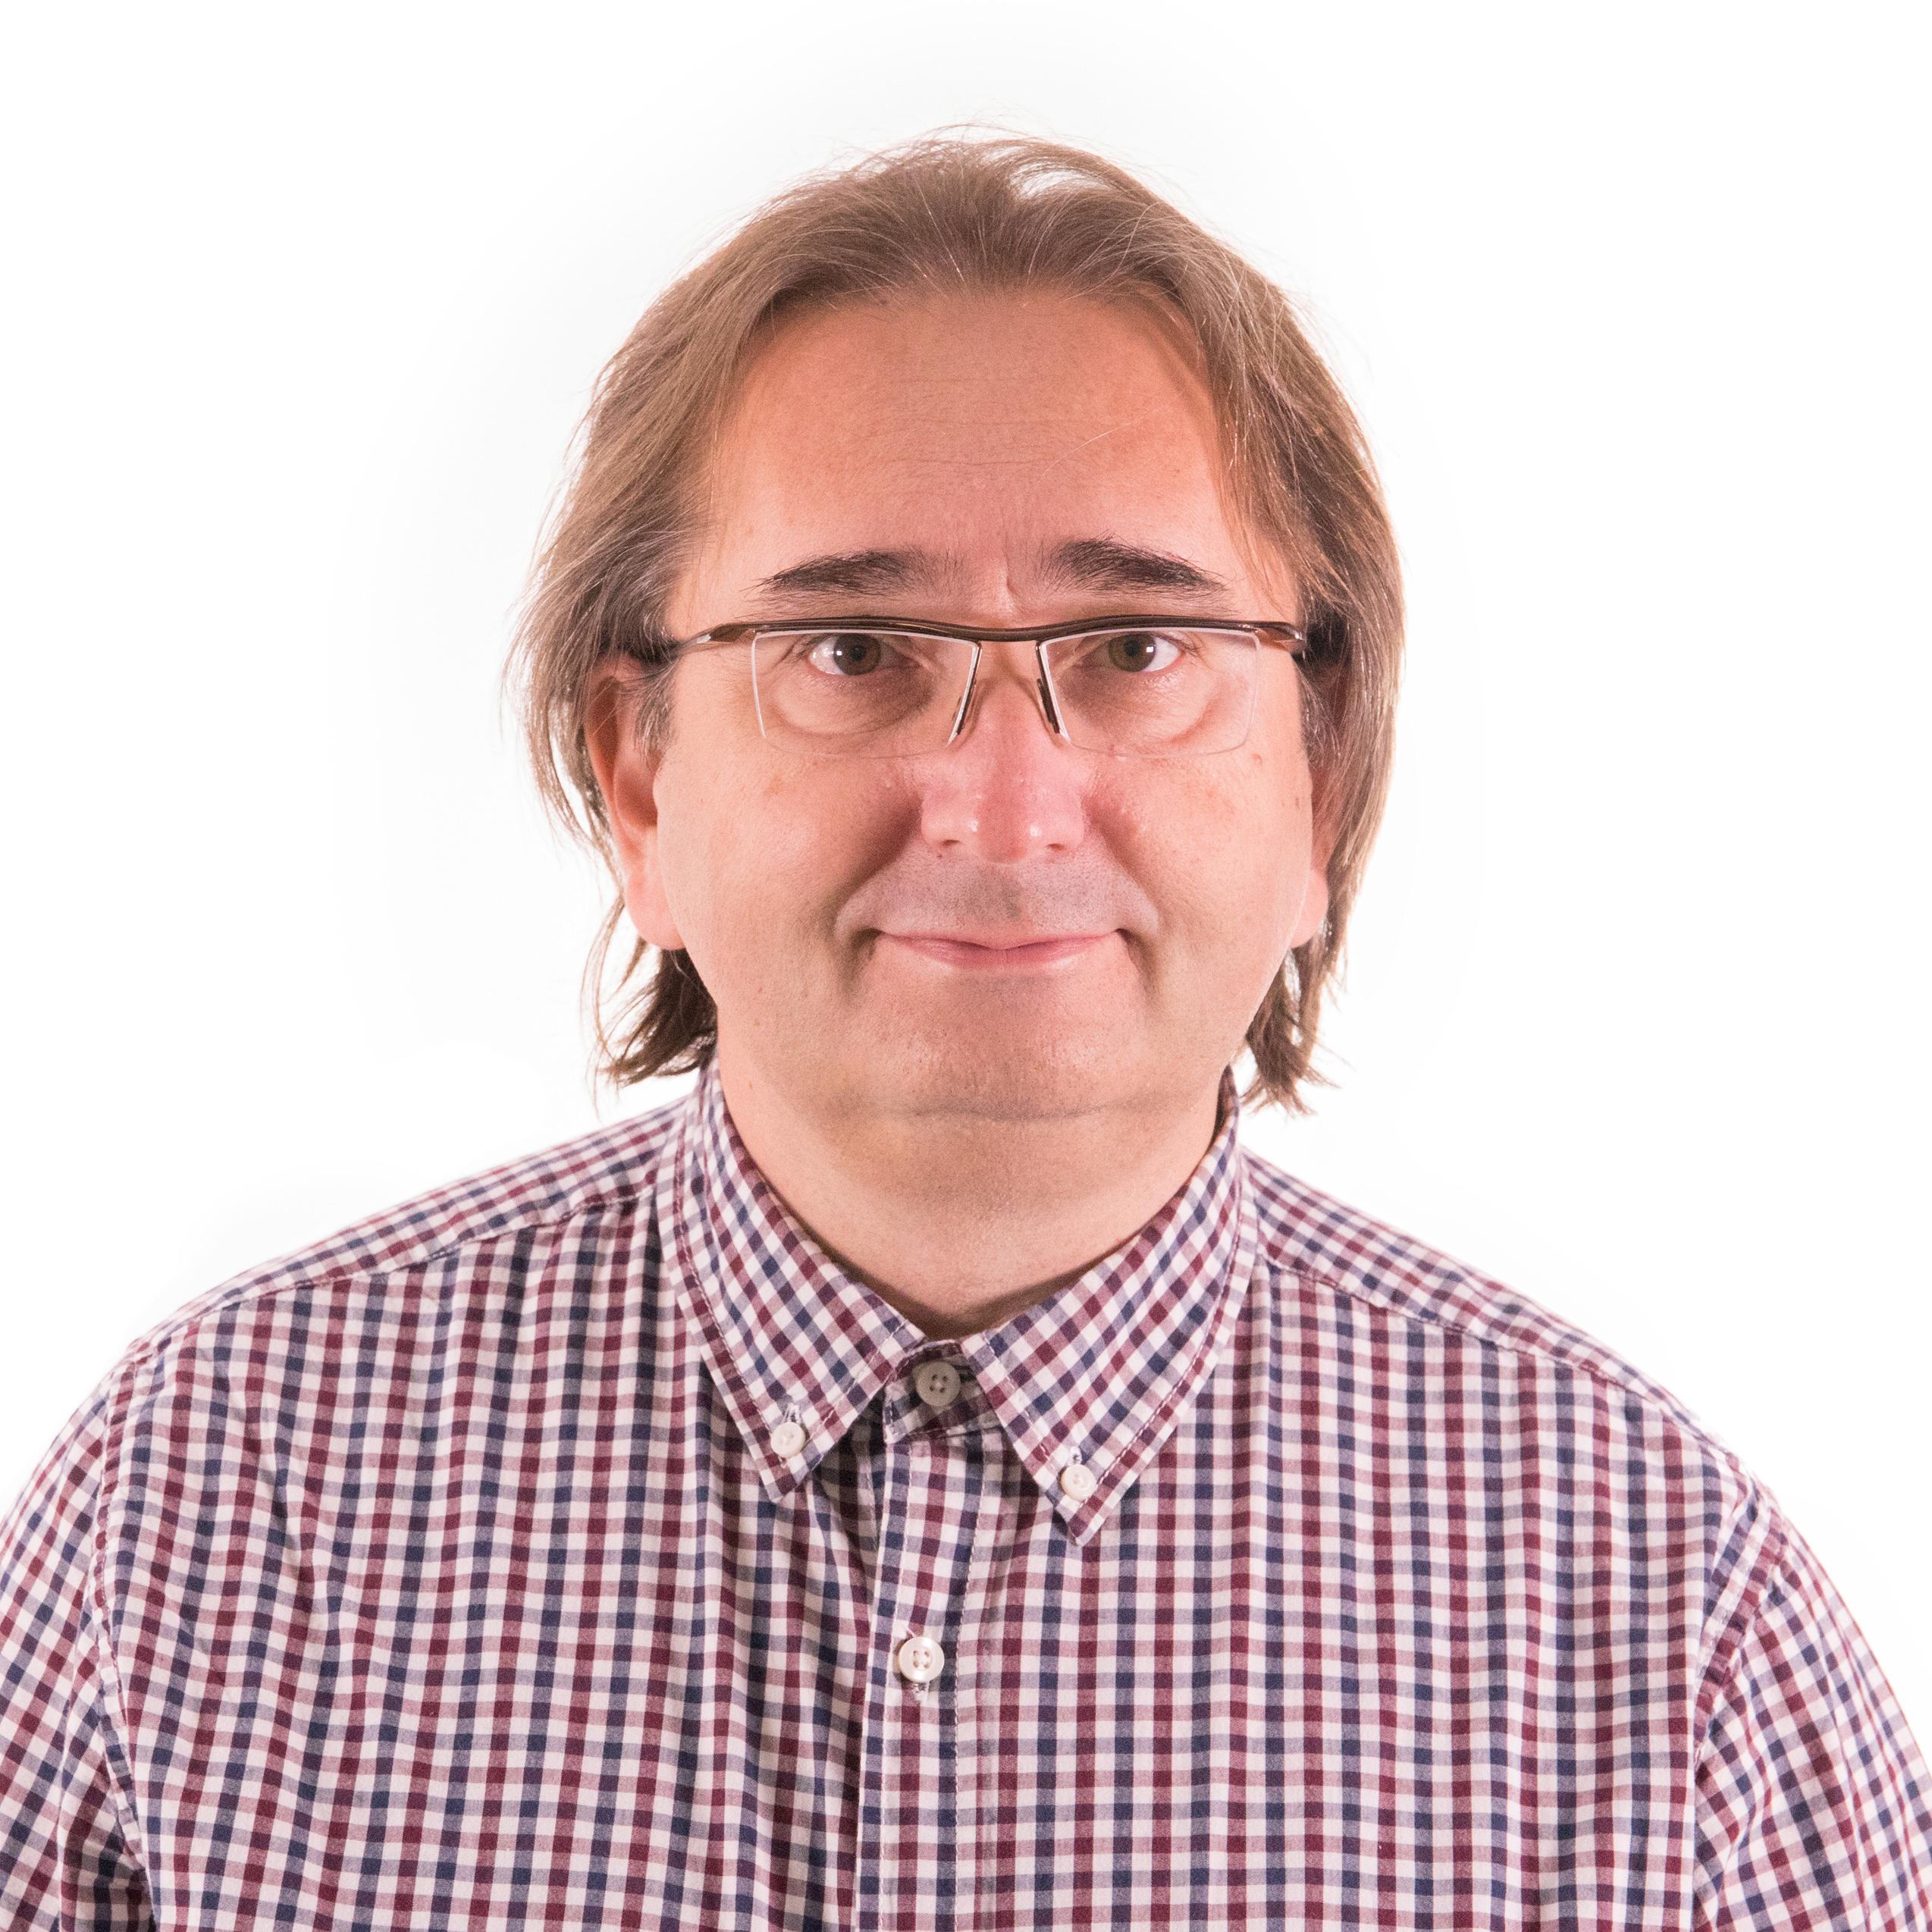 Zoran Radojicic